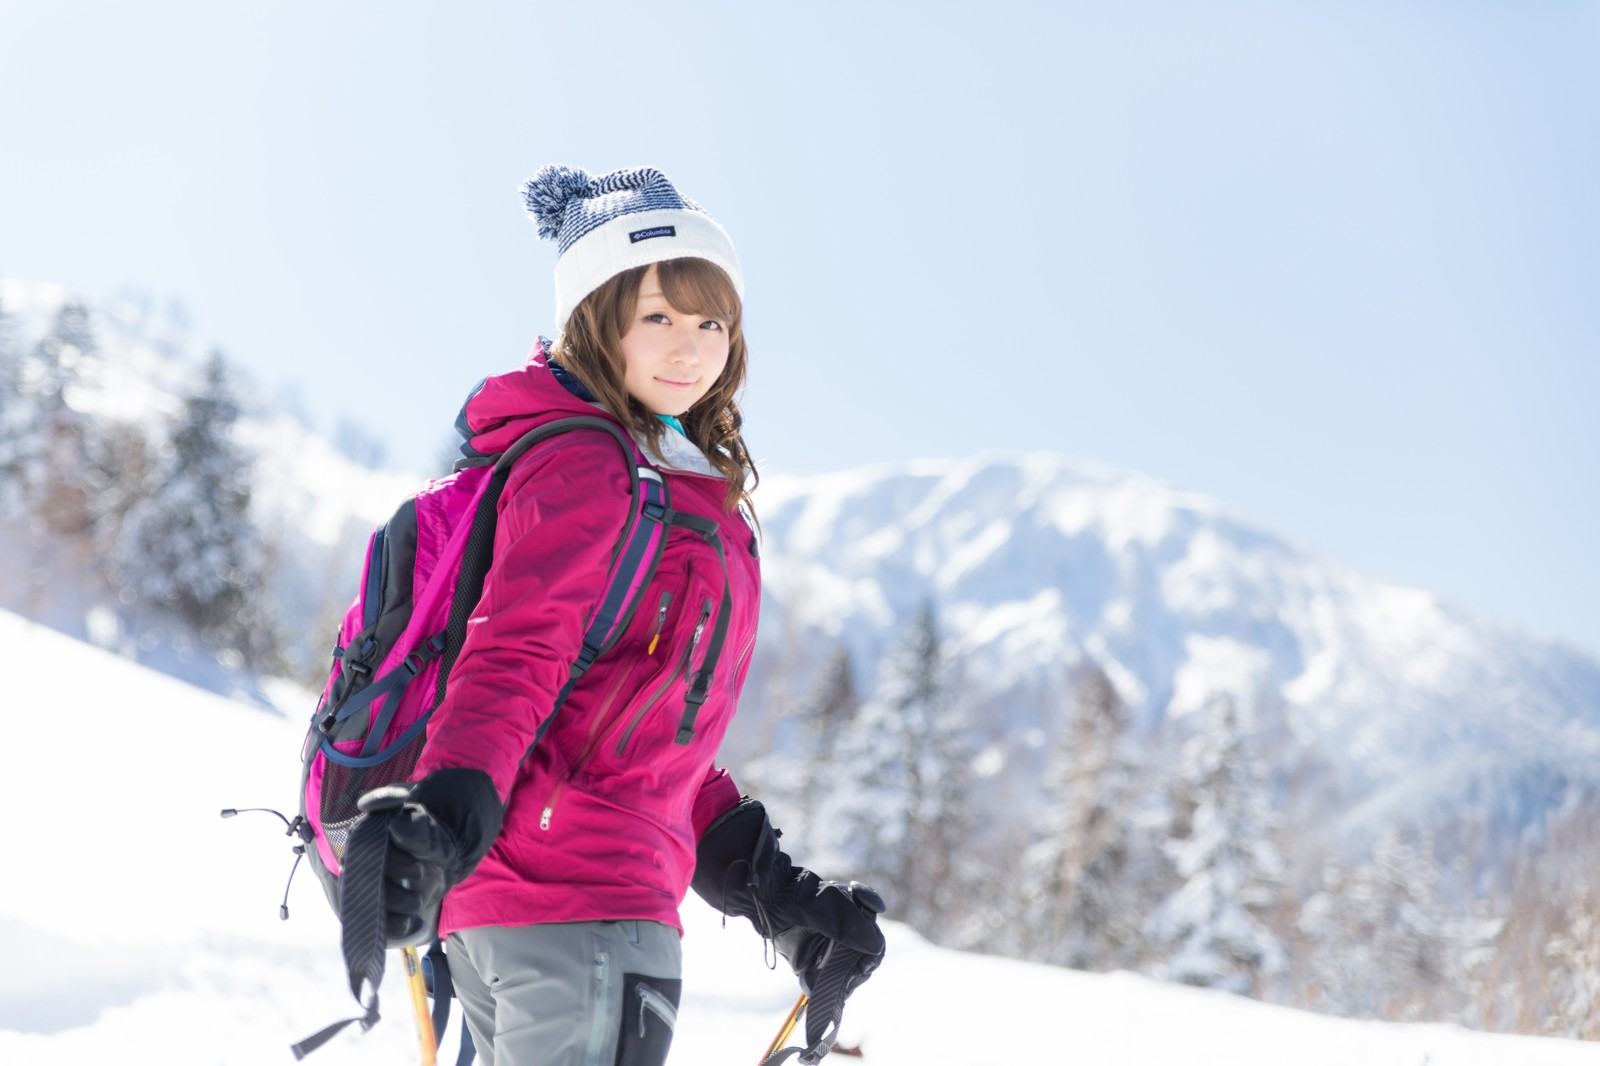 「【悲報】雪山ガイドが可愛すぎてウォーキングに集中できない人頻出【悲報】雪山ガイドが可愛すぎてウォーキングに集中できない人頻出」[モデル:茜さや]のフリー写真素材を拡大